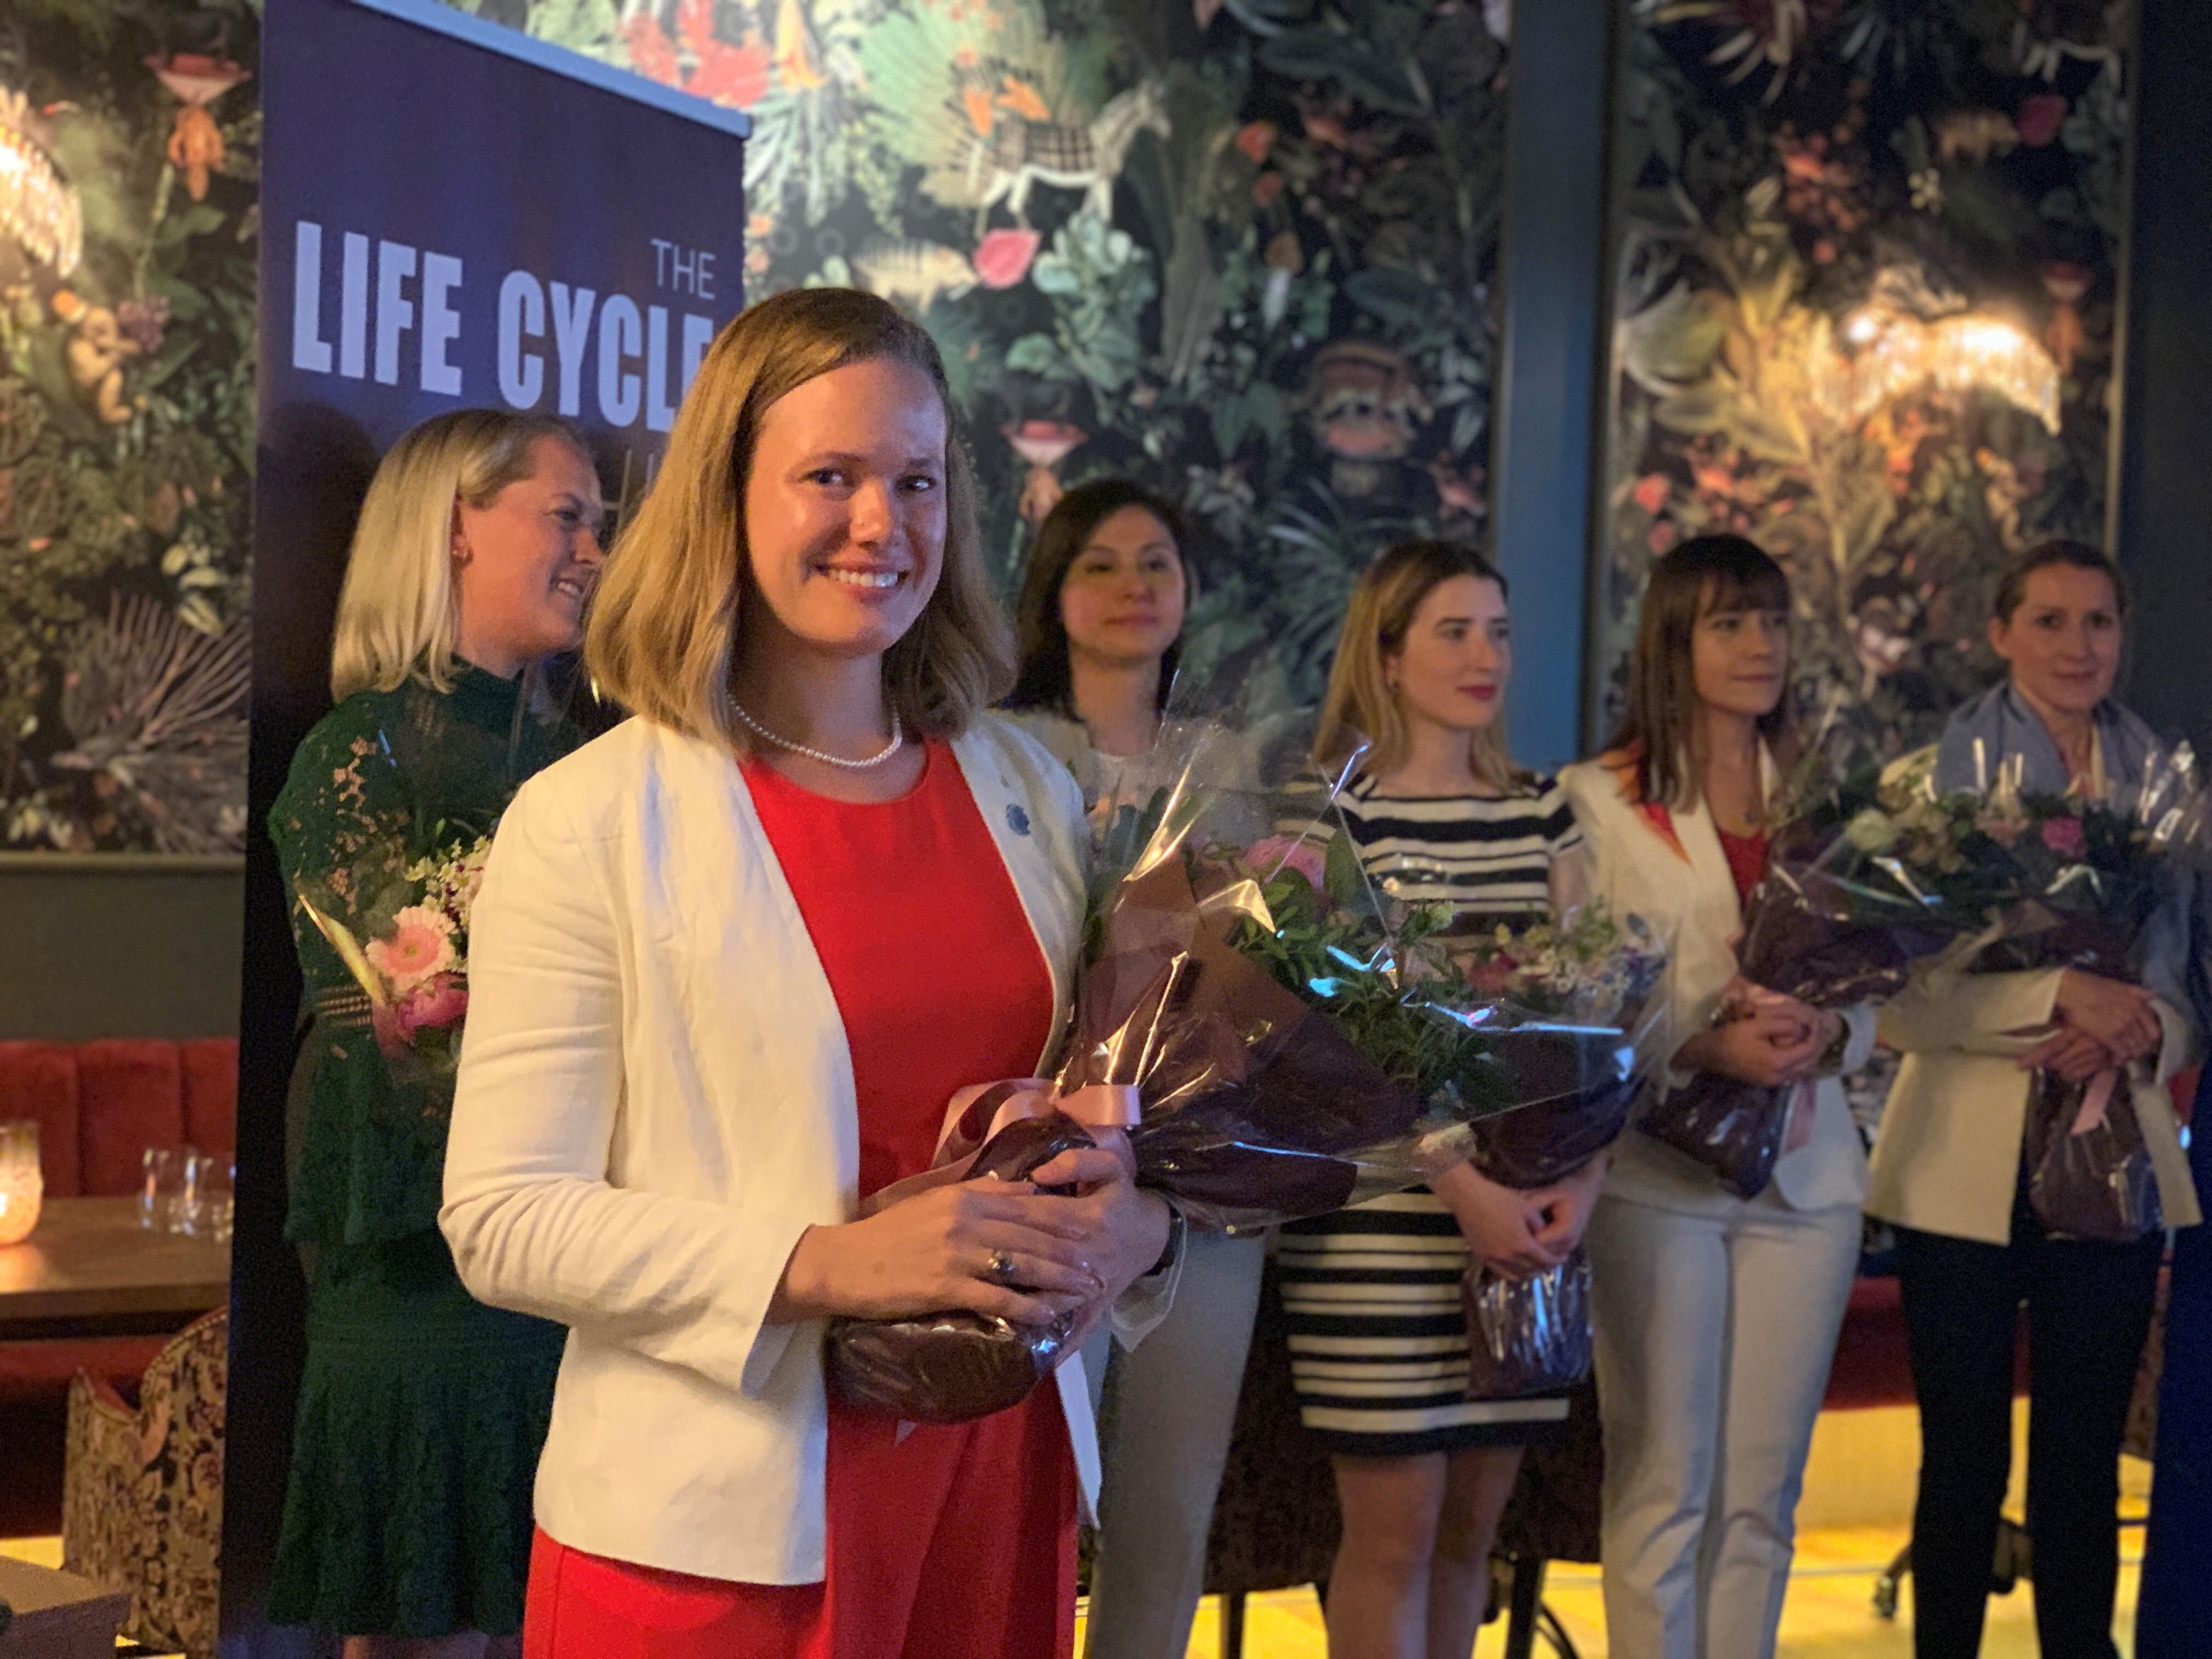 På Nett Voksen Dating App For Middelaldrende Giftet Seg Med Kvinner I Kongsberg